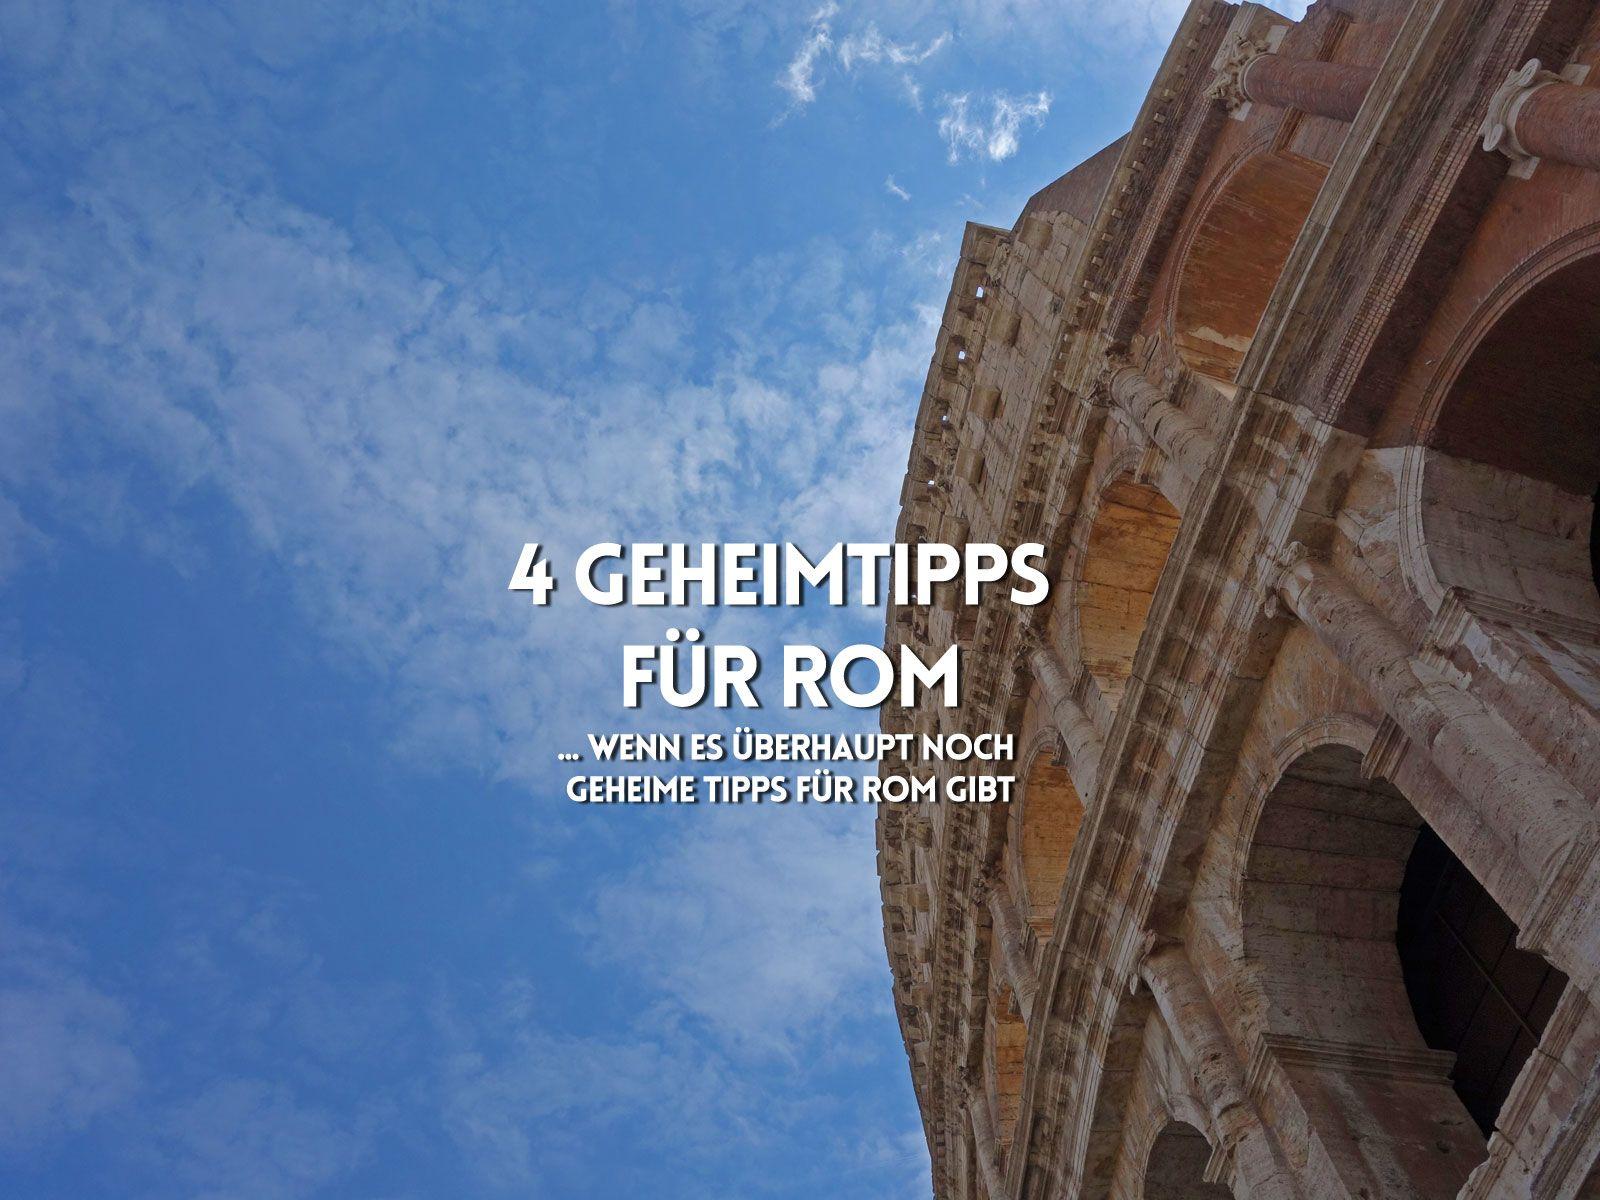 Zu Rom wurde schon soviel geschrieben, aber diese vier Tipps kennst Du bestimmt noch nicht, oder?